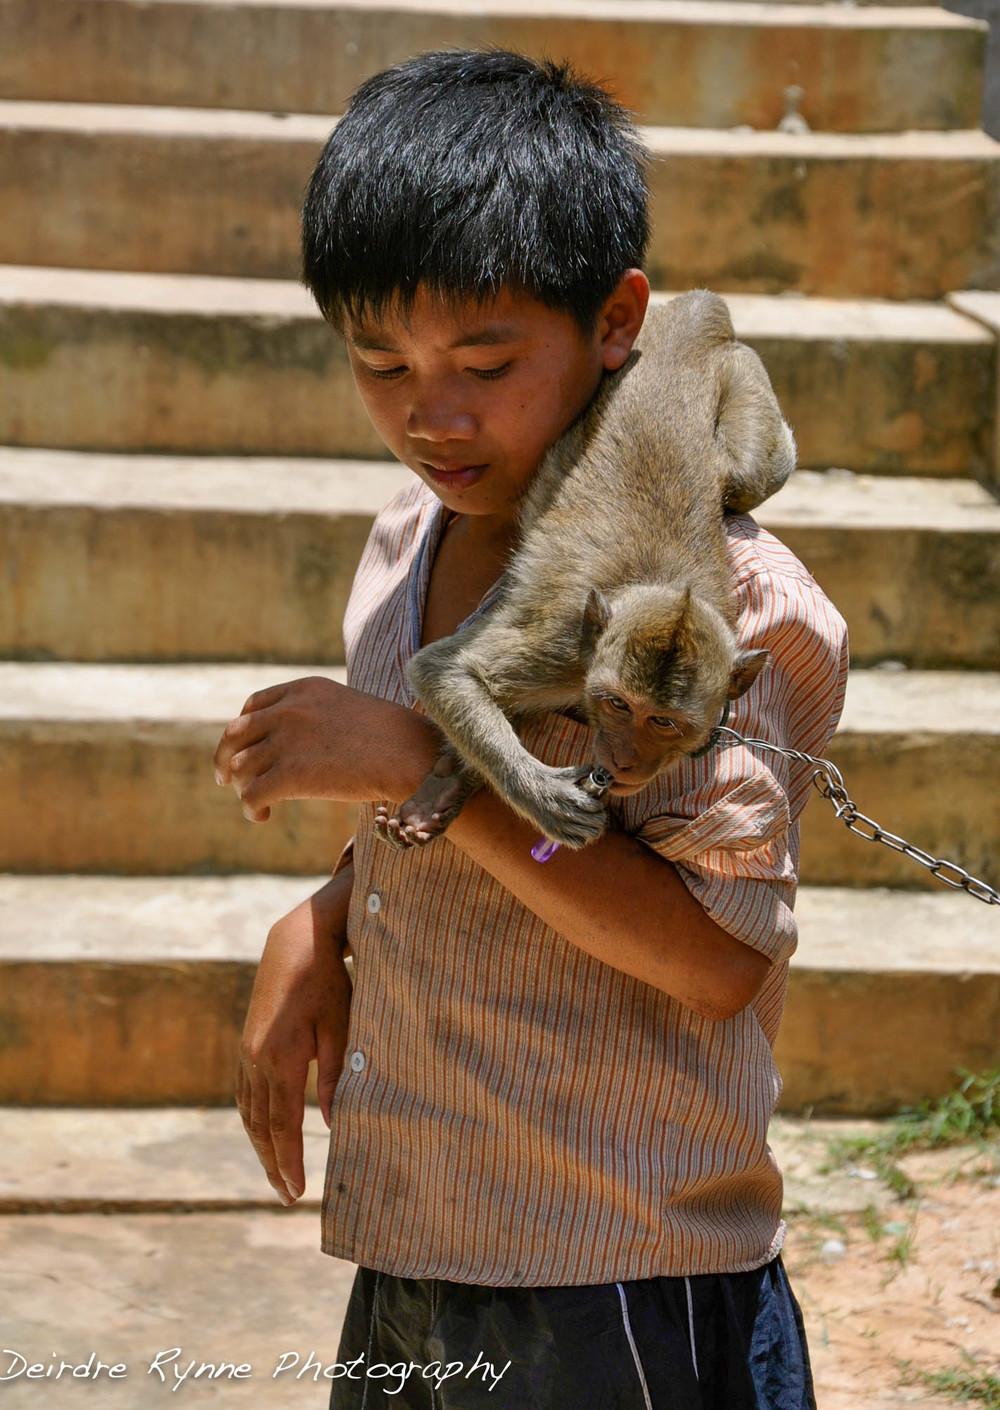 Cambodia. August 2012.